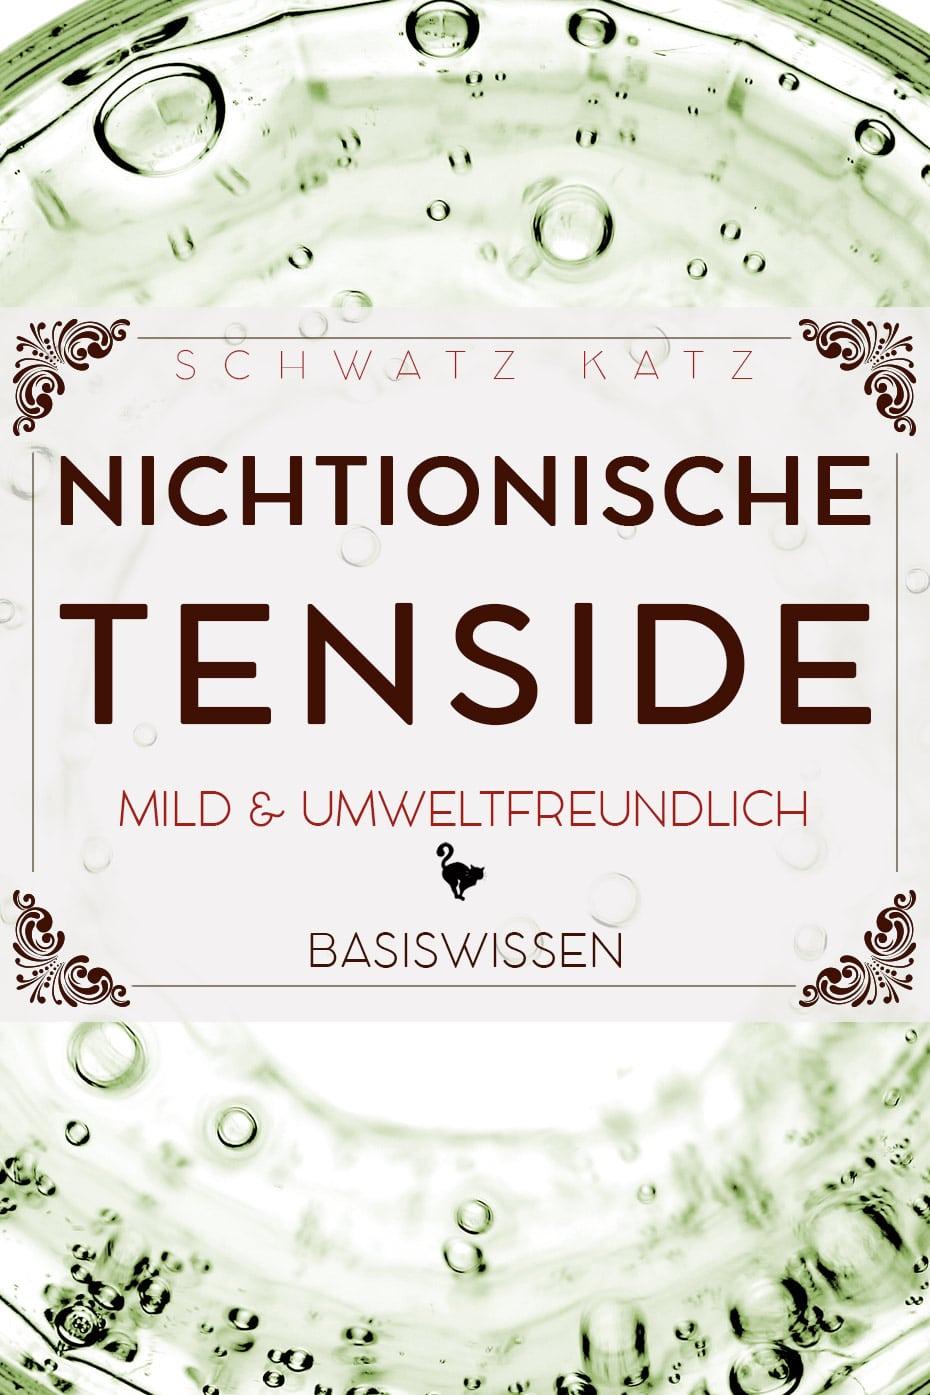 Nichtionische Tenside | Schwatz Katz